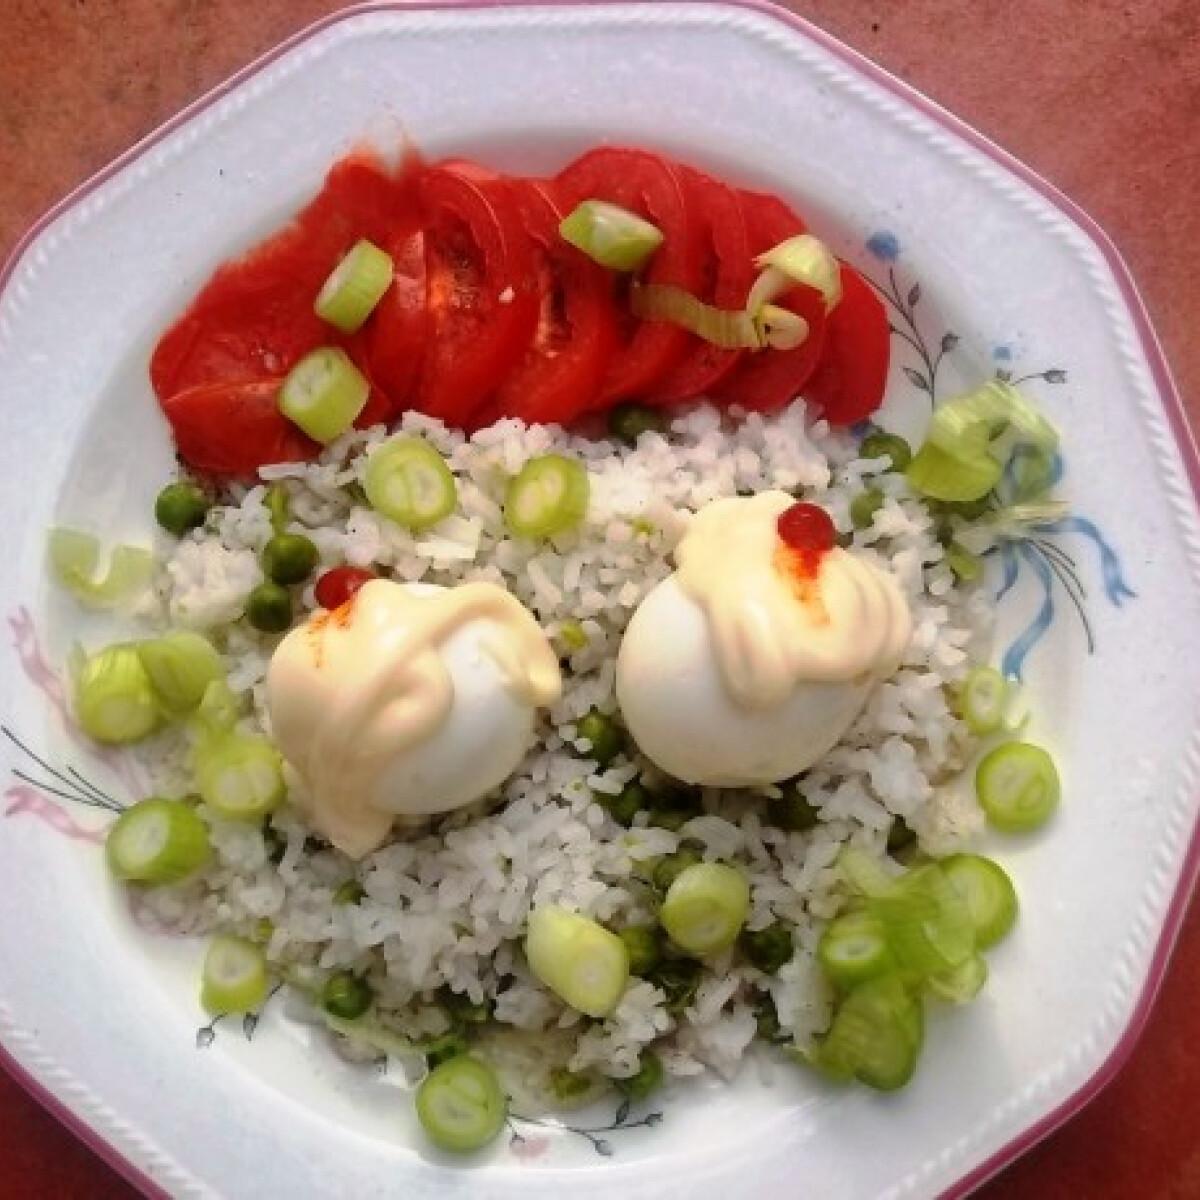 Majonézes főtt tojás zöldborsós rizzsel